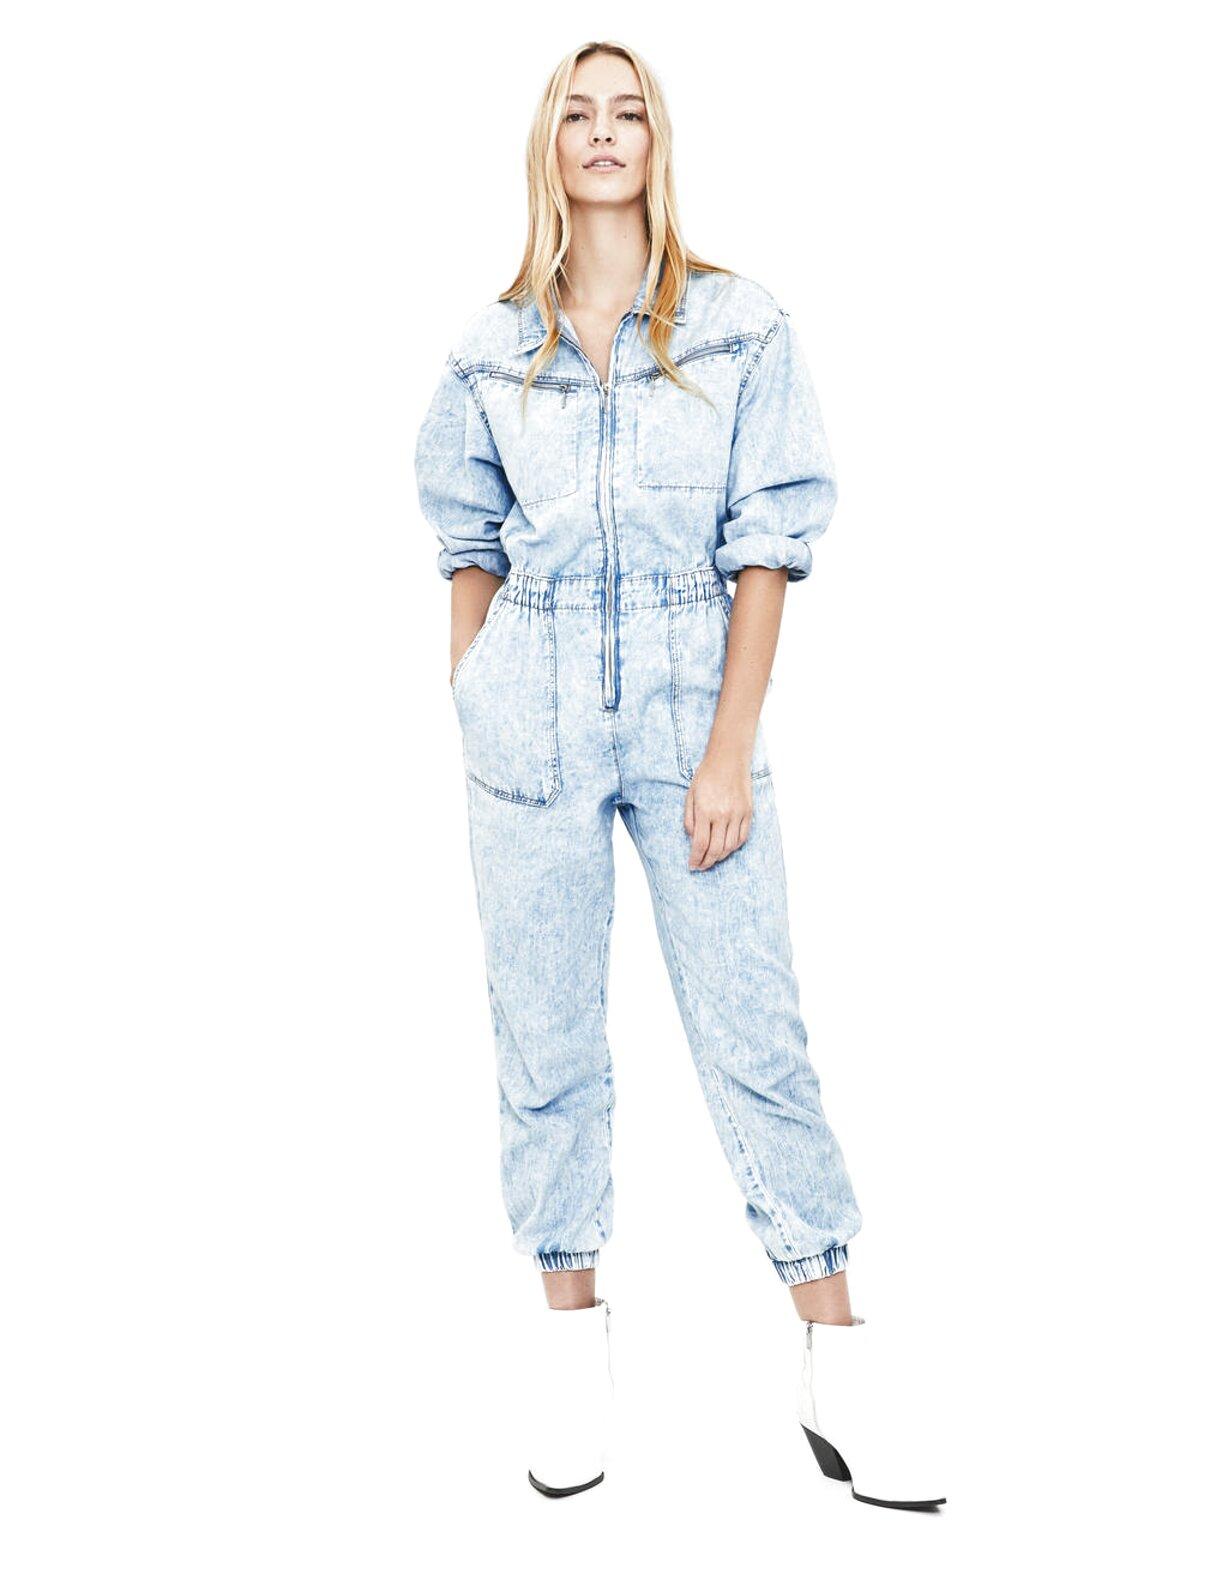 jeans jumpsuit for sale